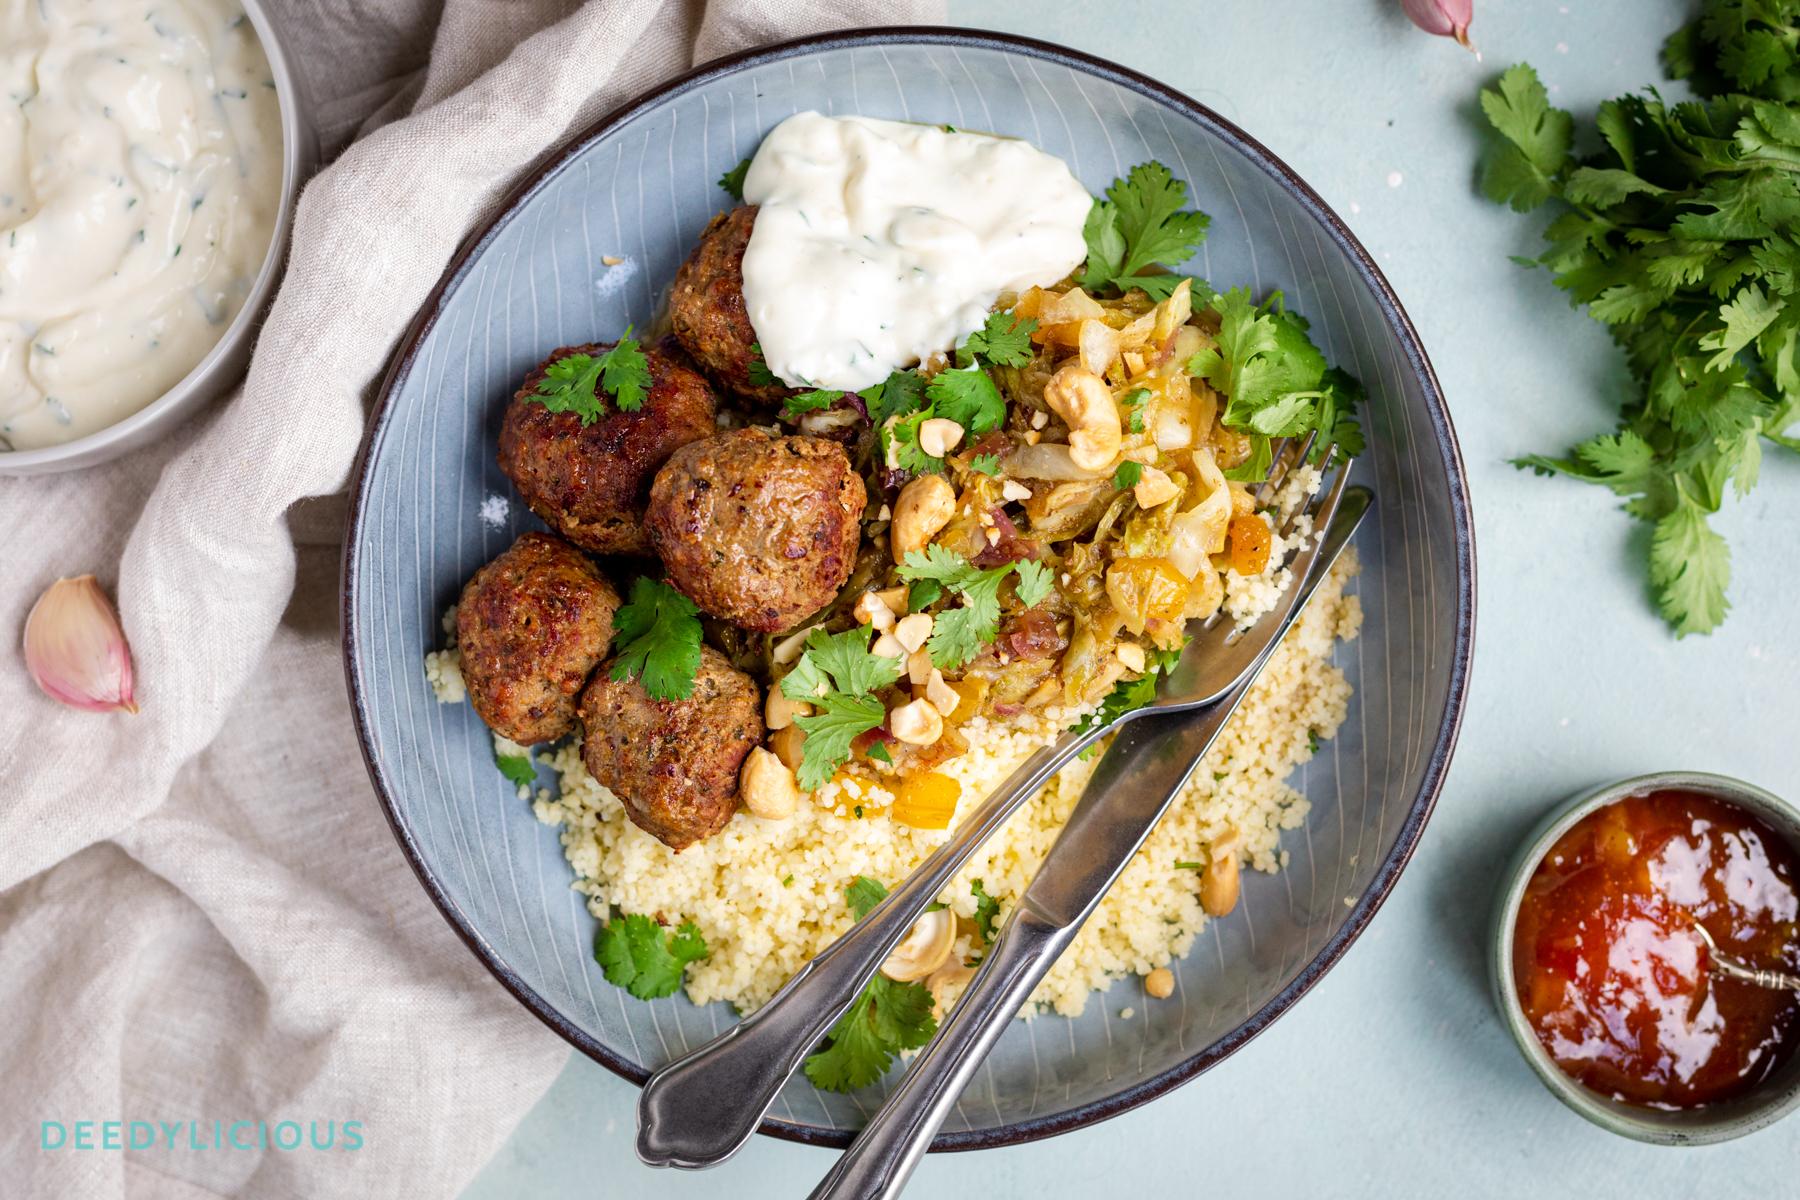 Bovenaanzicht van een bord met daarop couscous, gehaktballen en zelfgemaakte knoflooksaus